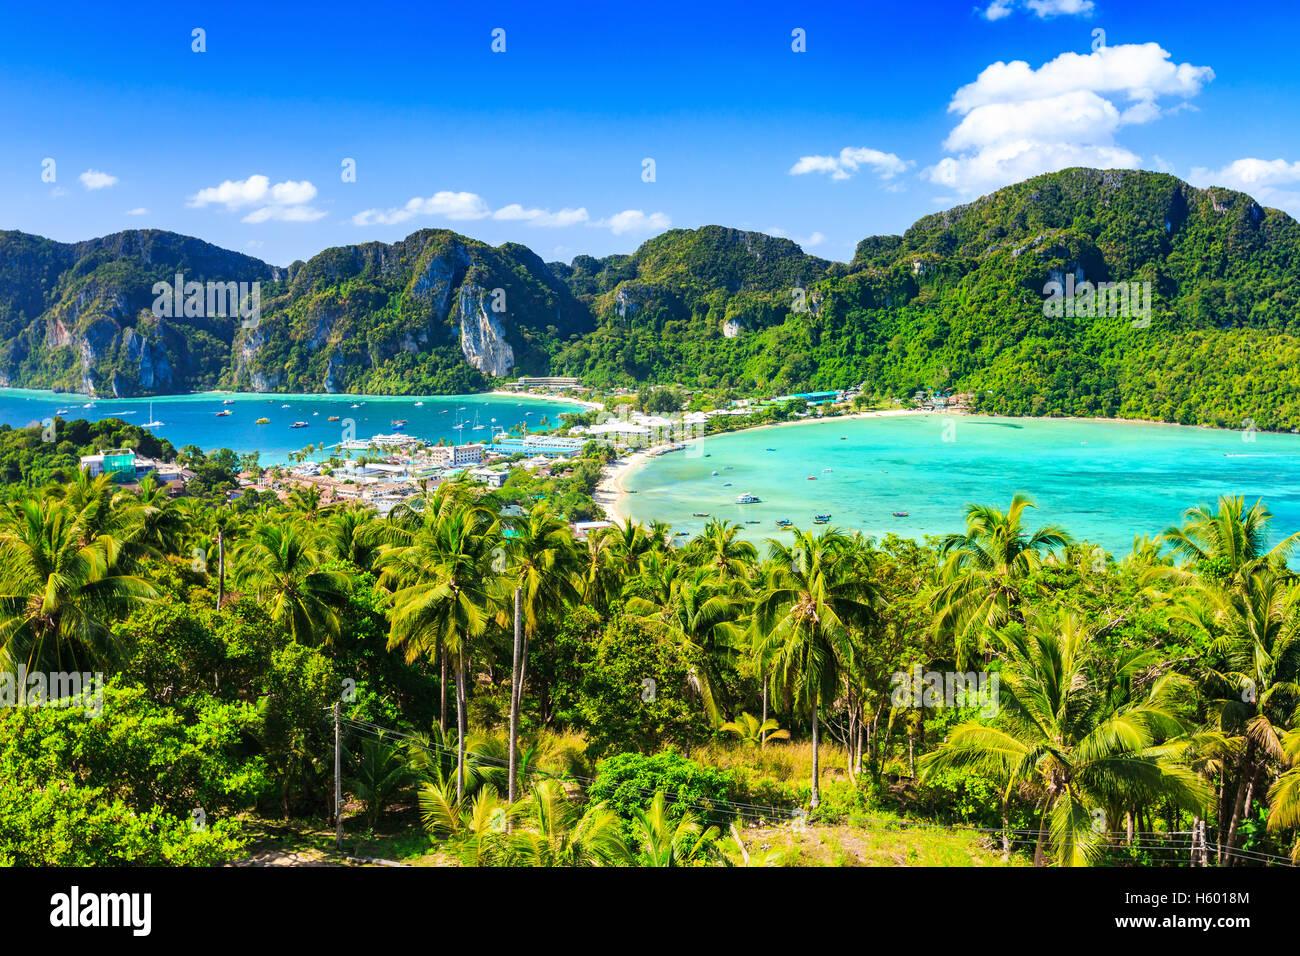 Thailand, Insel Phi Phi Don, Provinz Krabi. Stockbild